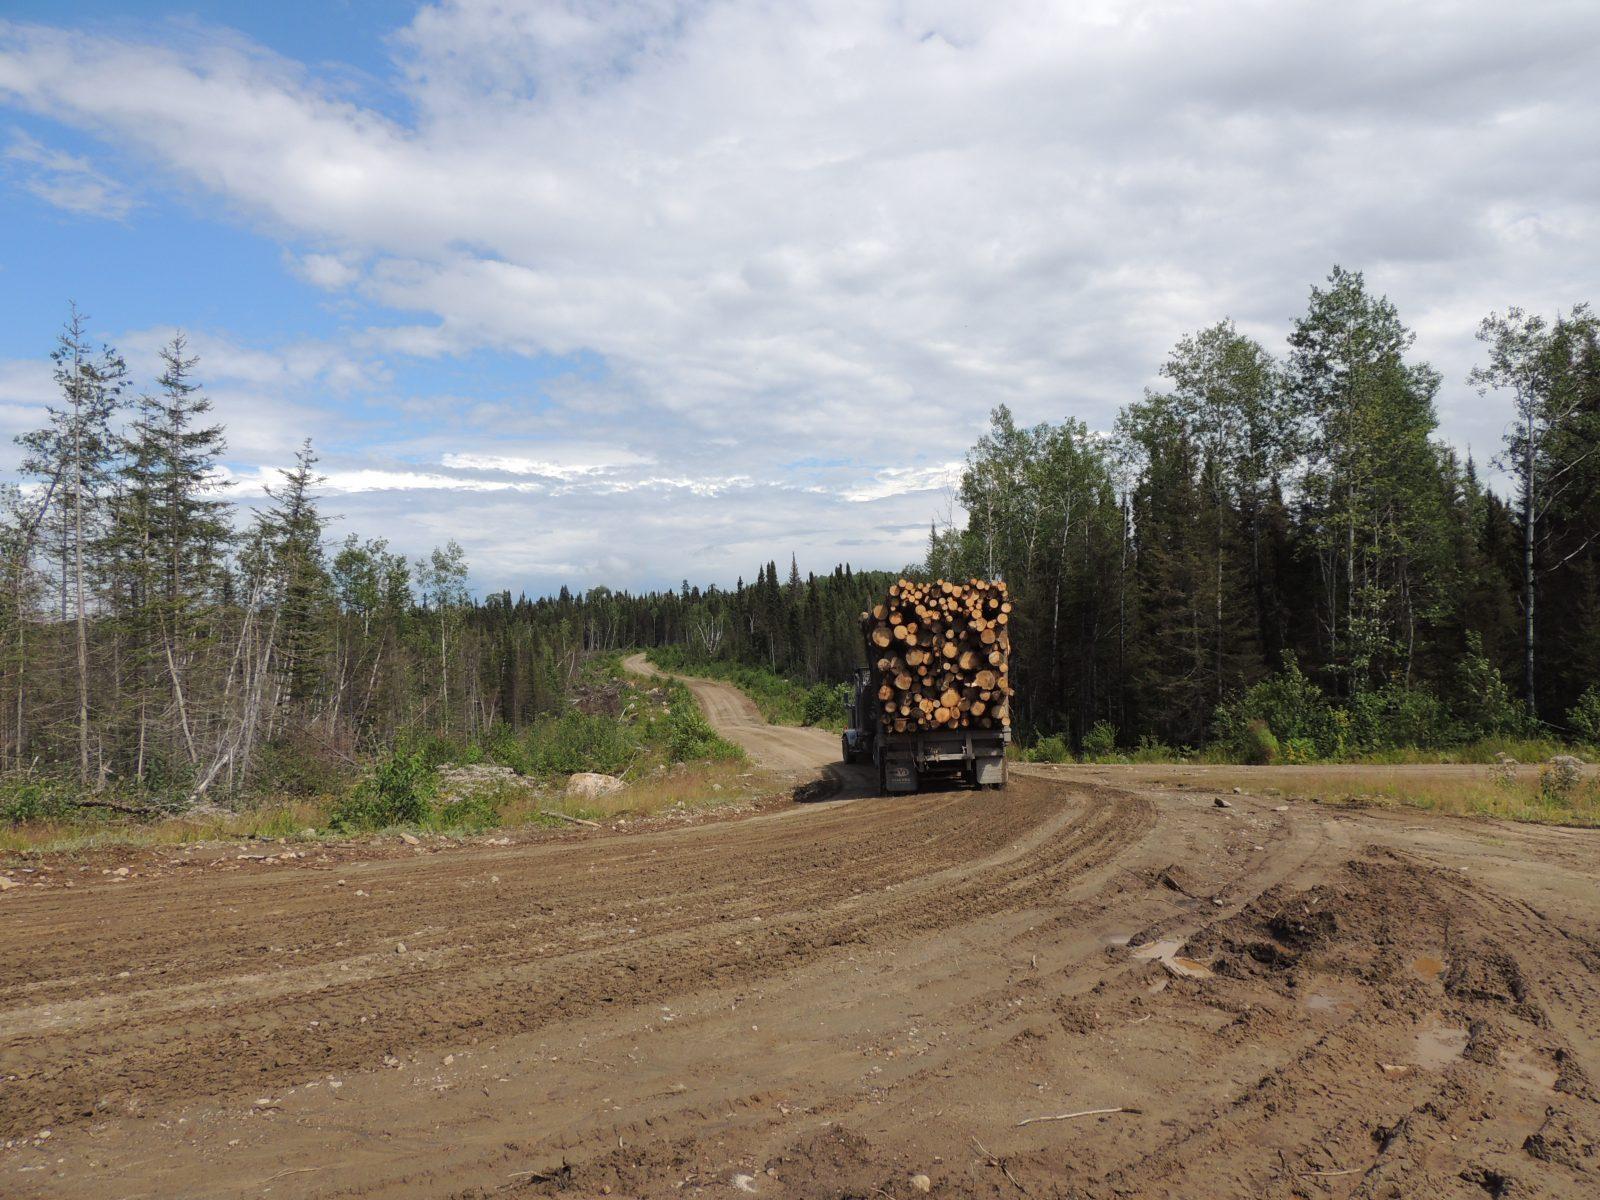 Sécurité des routes forestières: Daniel Perron interpelle le gouvernement